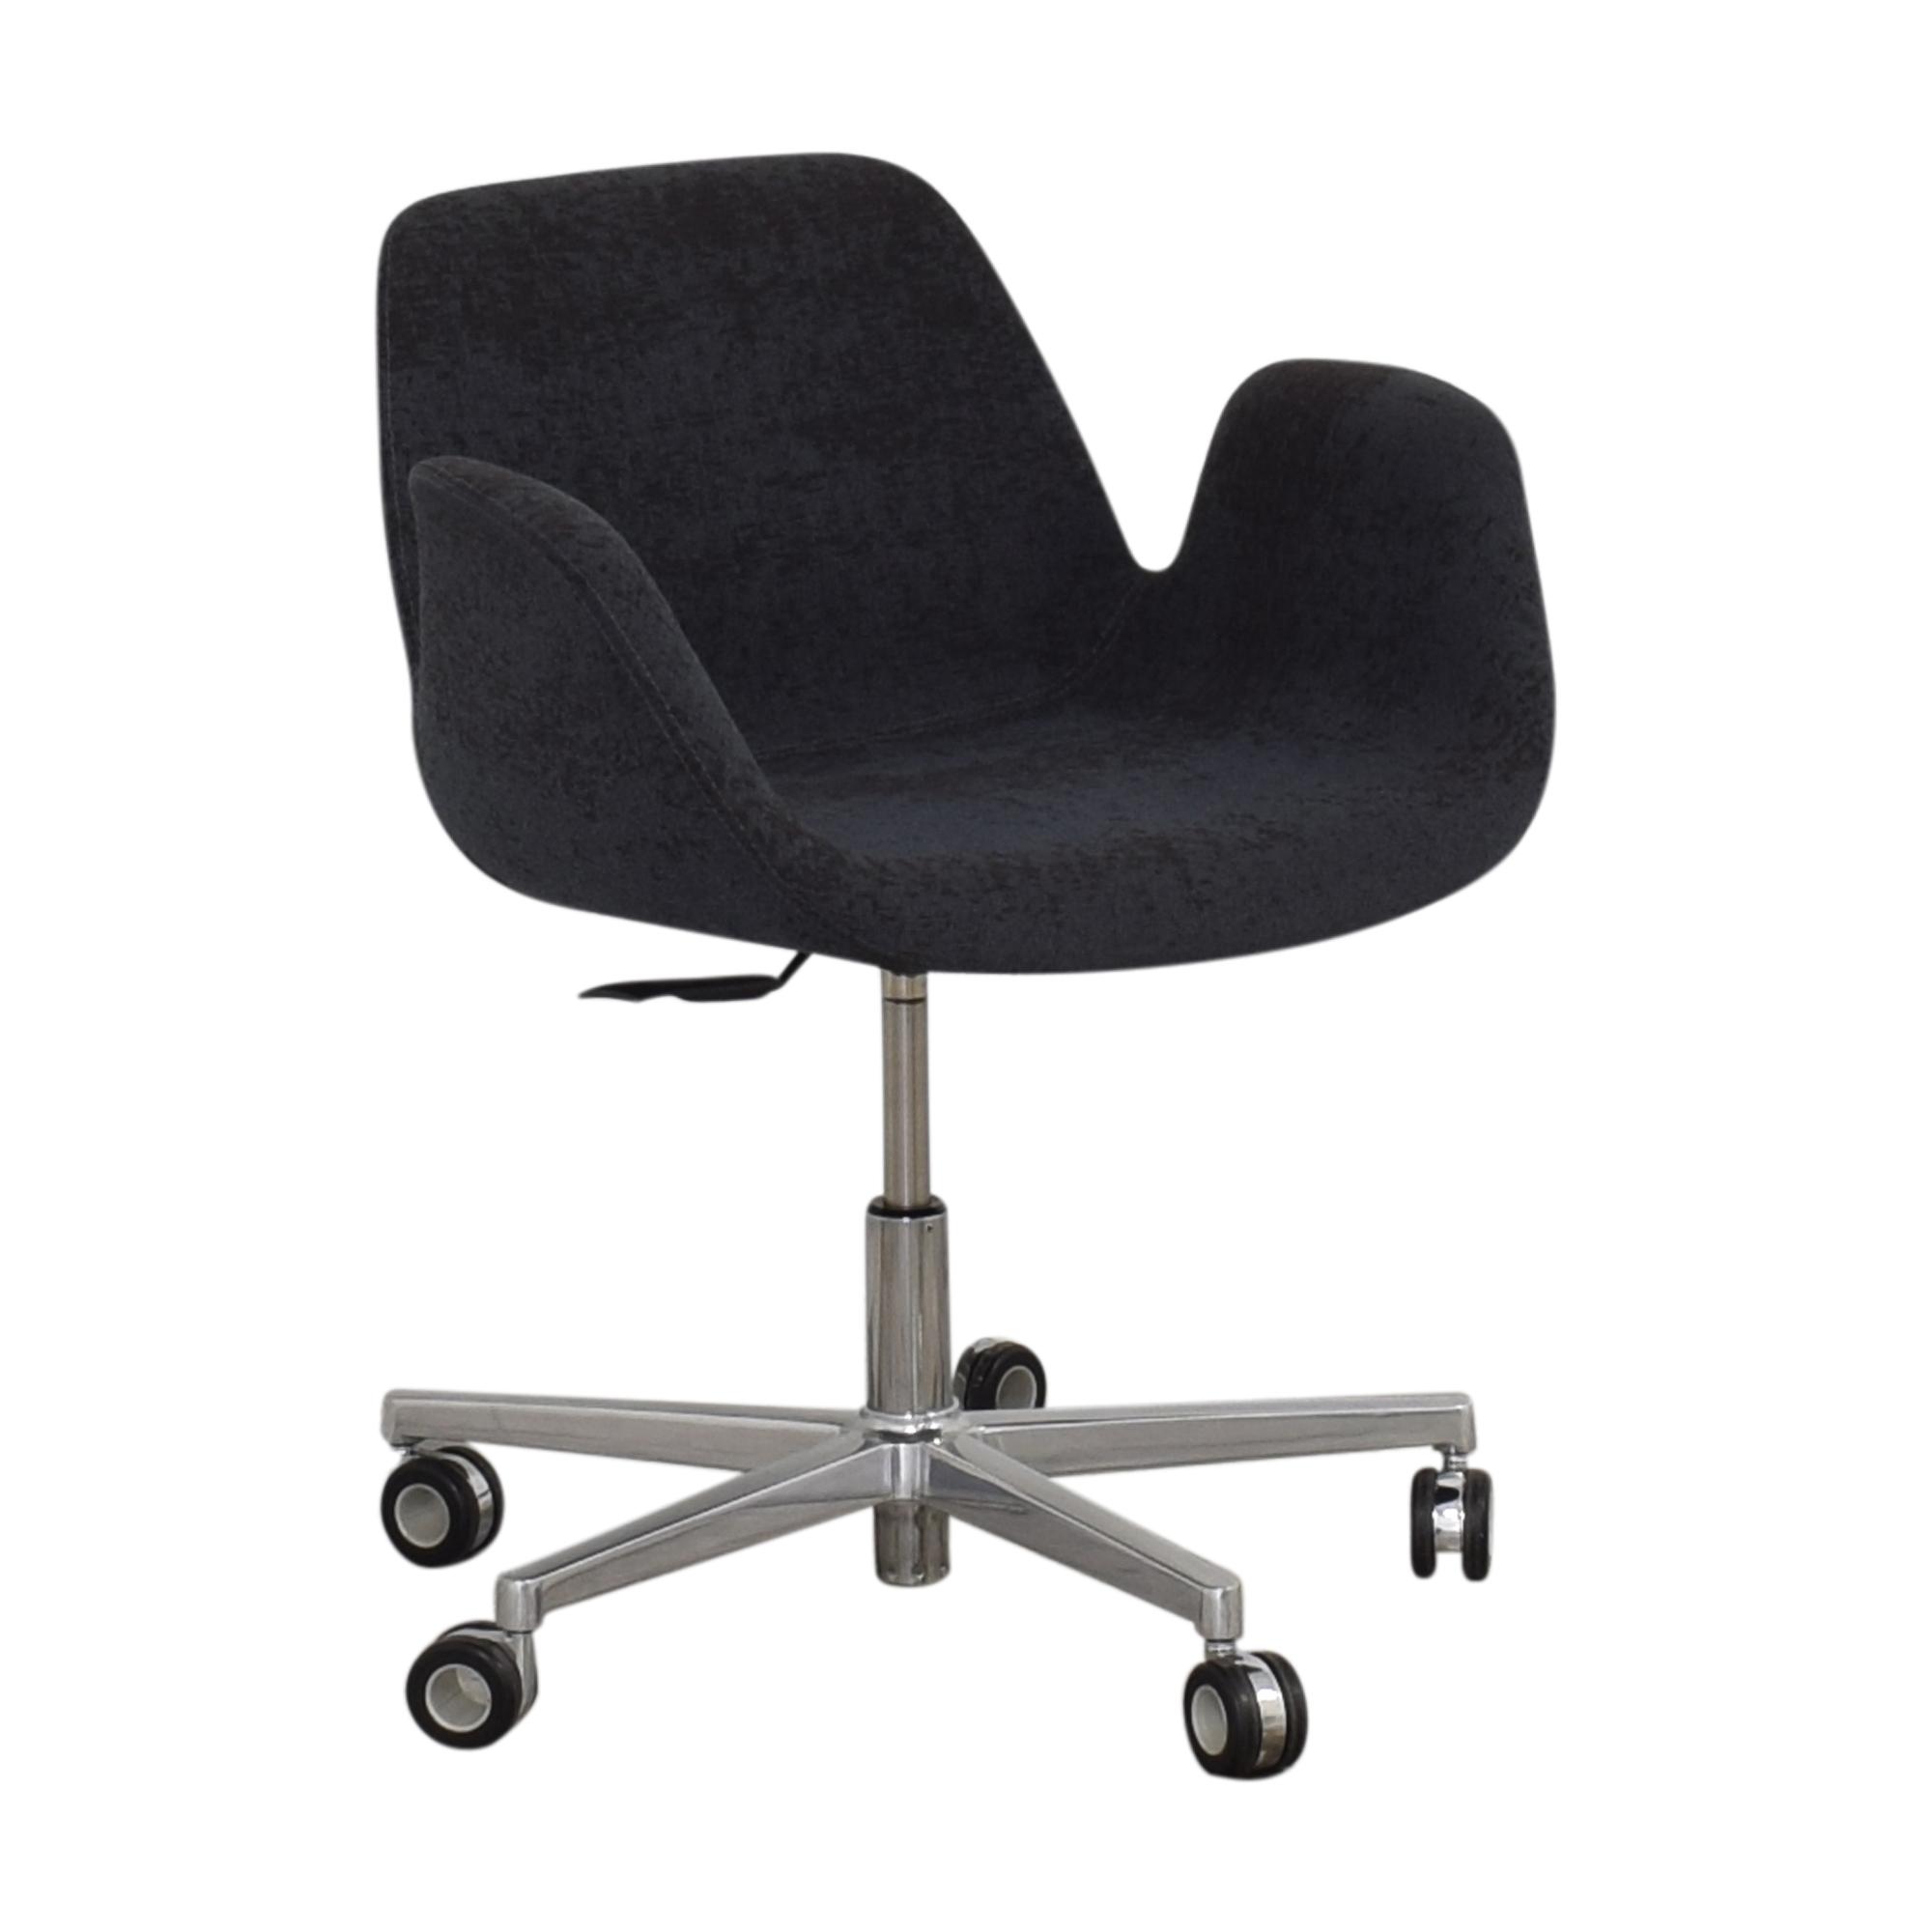 Koleksiyon Koleksiyon Halia Operator Chair for sale